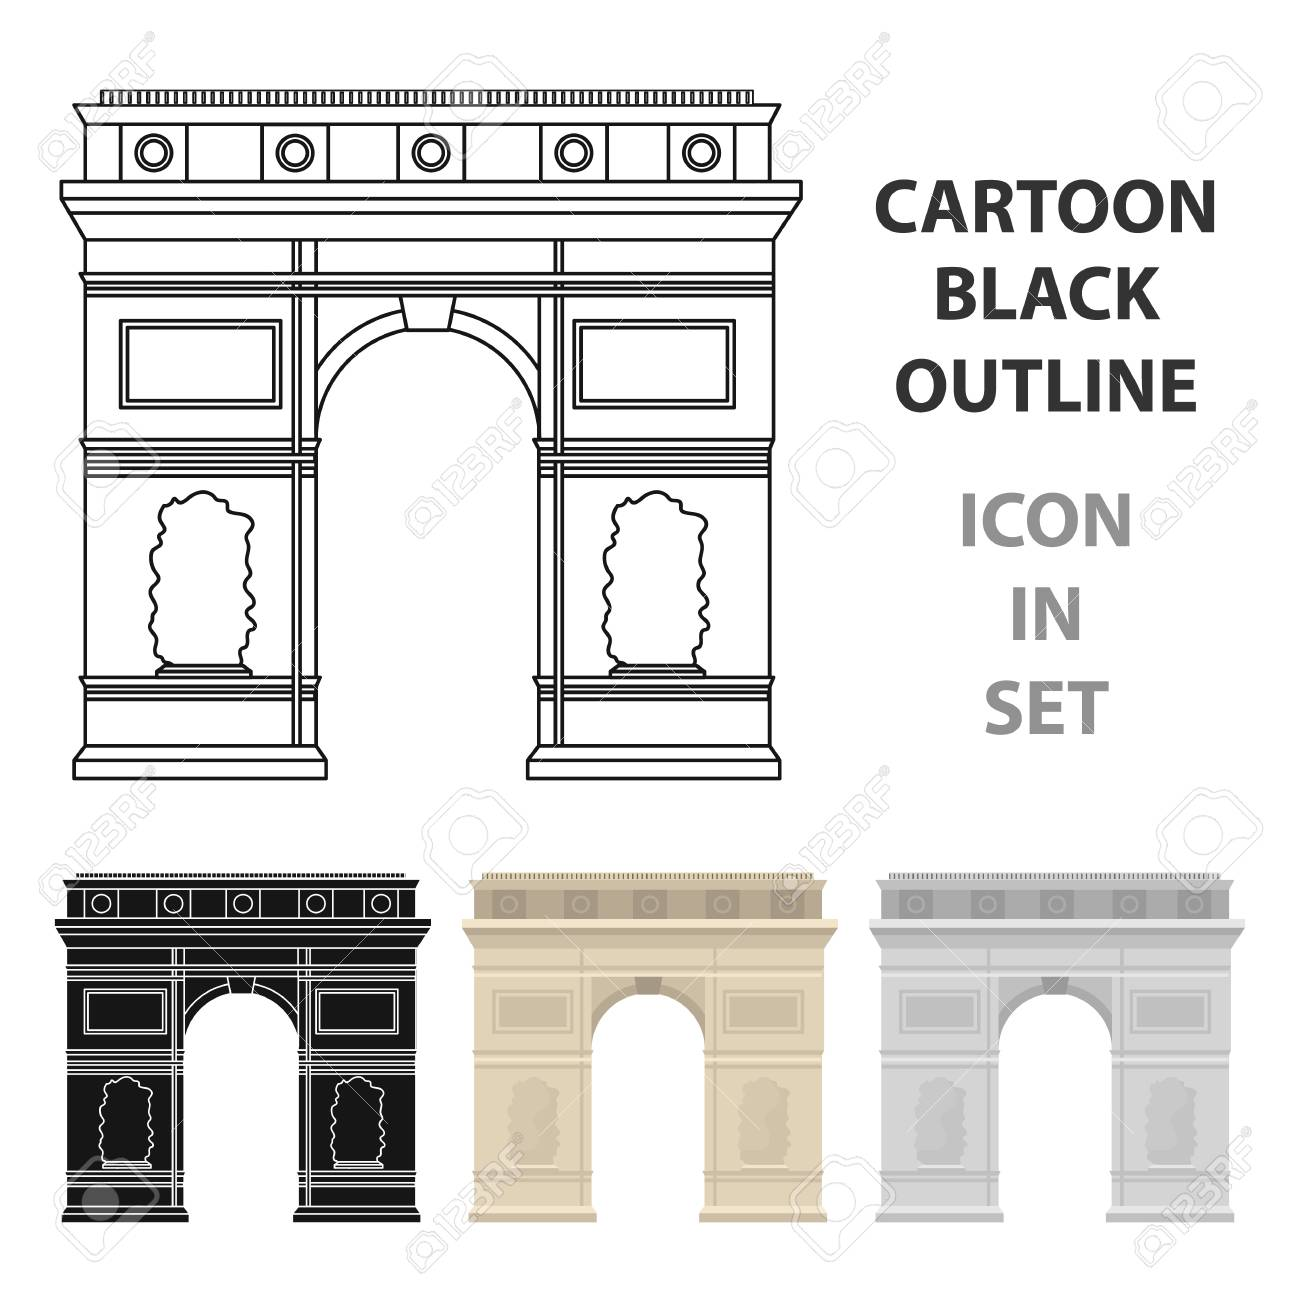 Icône Darc De Triomphe En Style Dessin Animé Isolé Sur Fond Blanc